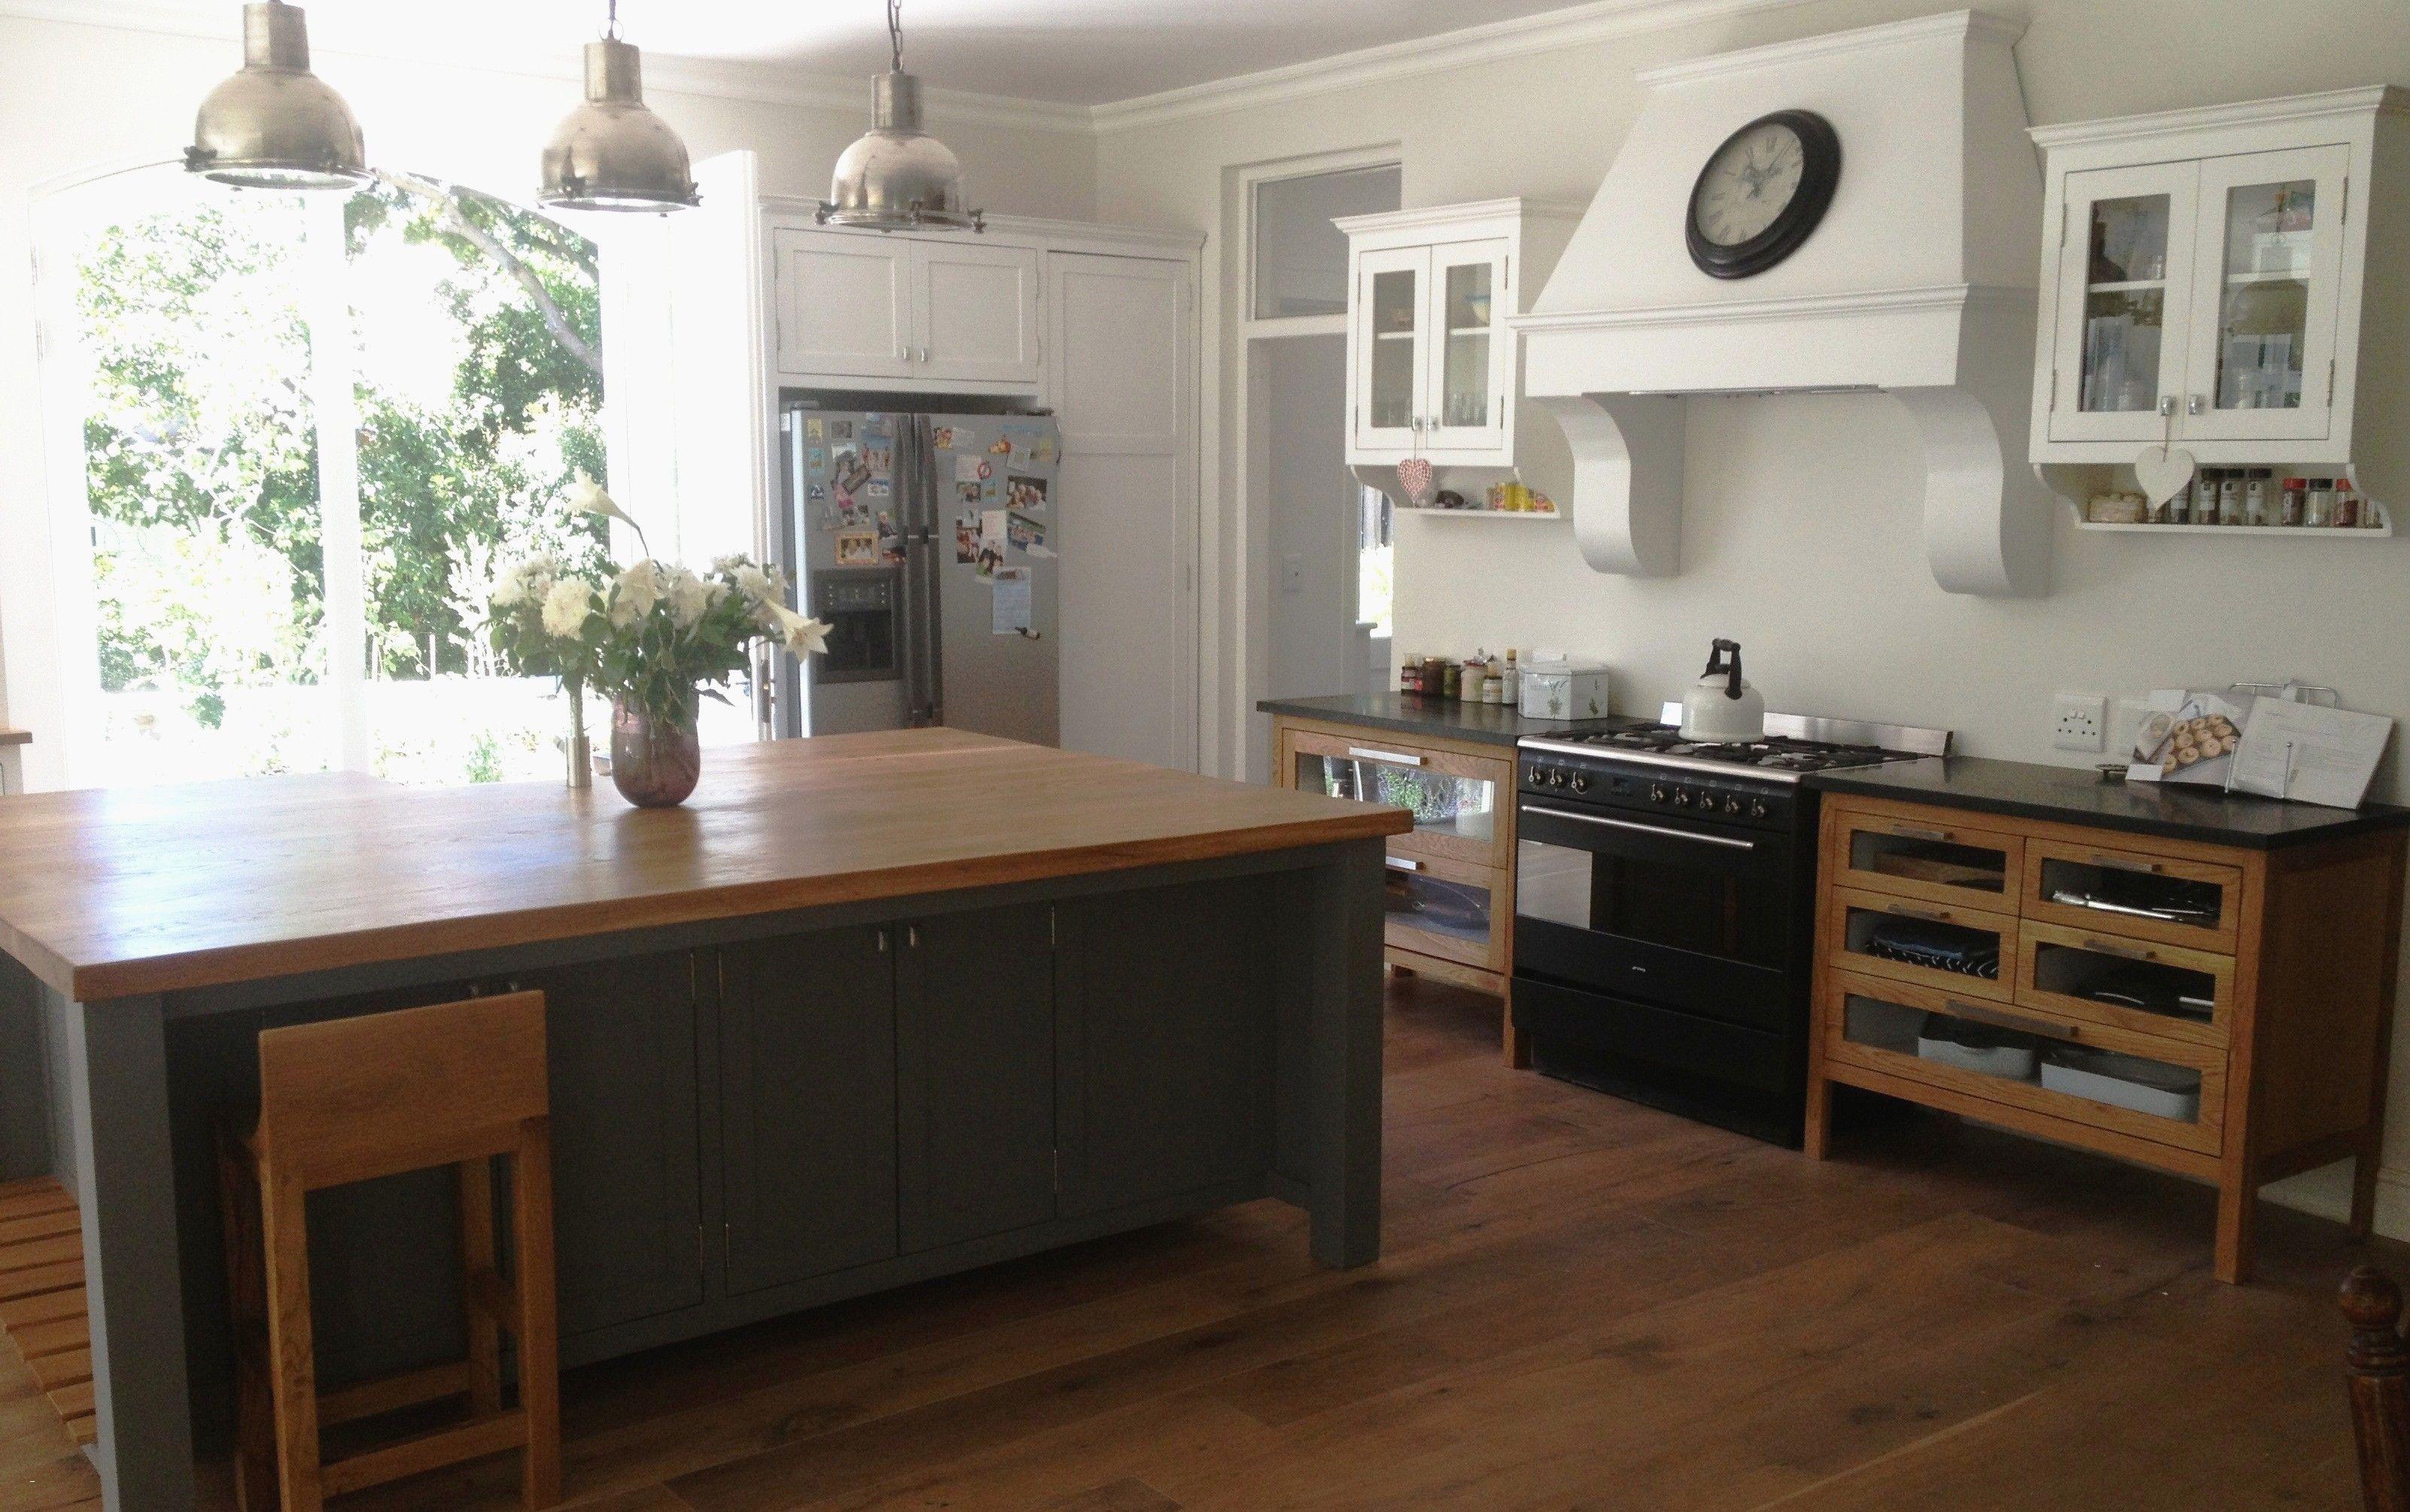 Luxury Stand Alone Kitchen Cabinets The Amazing And Also Beautiful Stand Alone Kitchen Cabine House Design Kitchen Freestanding Kitchen Island Kitchen Design